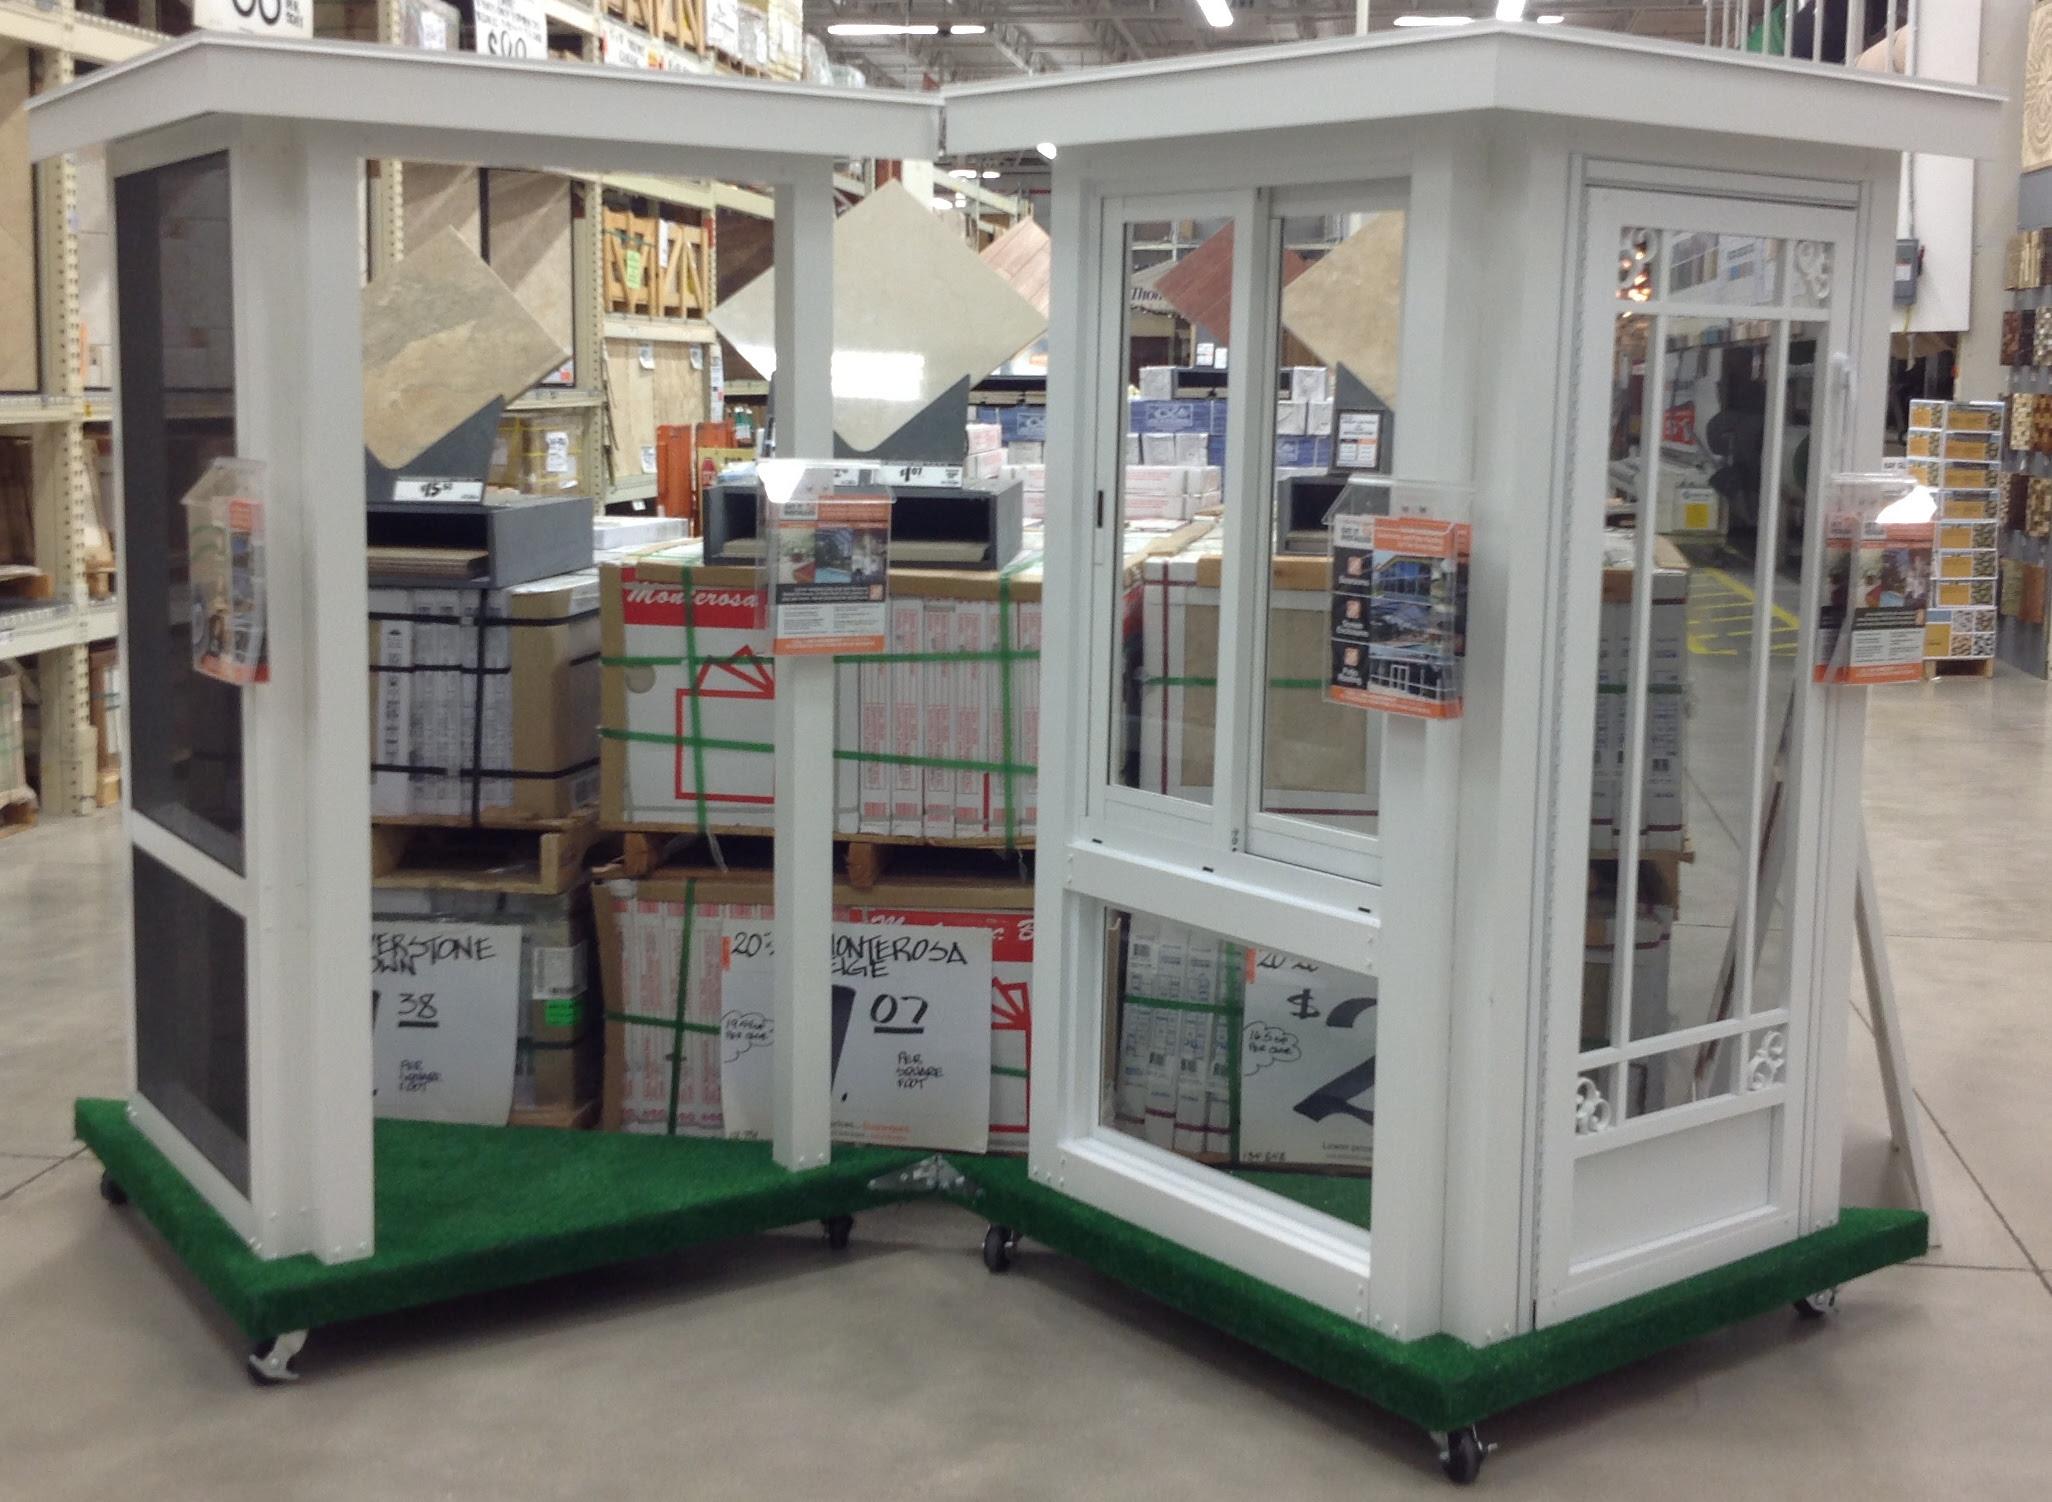 Retail Sales Displays in Lake Worth Home Depots Help Venetian